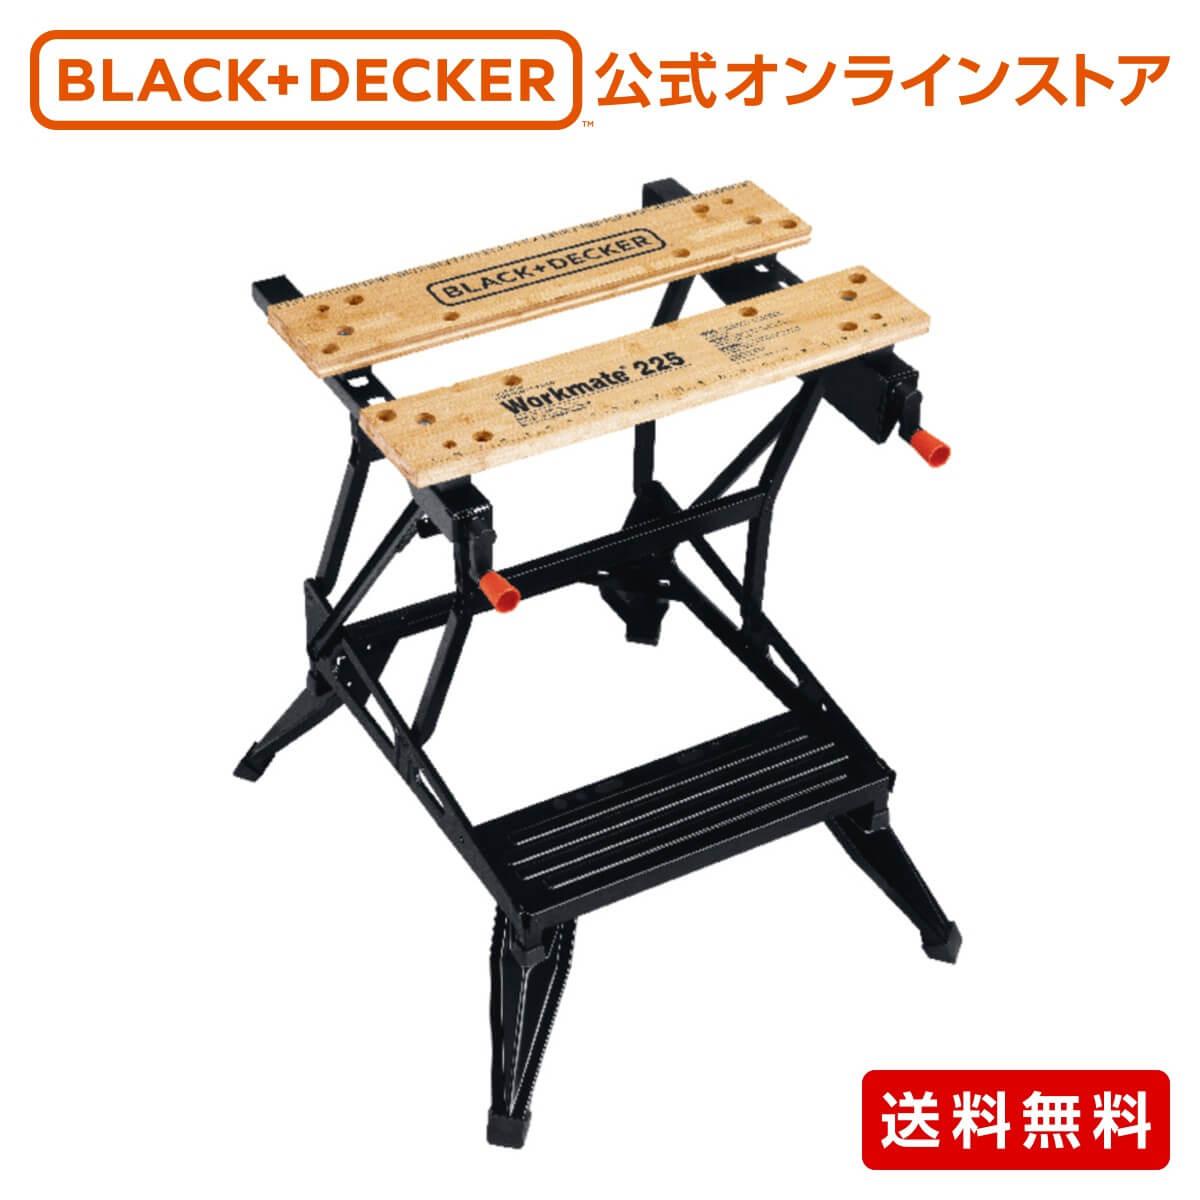 【ポイント5倍】 ブラックアンドデッカー (公式) WM225 ワークメイト ワークベンチ 作業台 正規品 保証付き